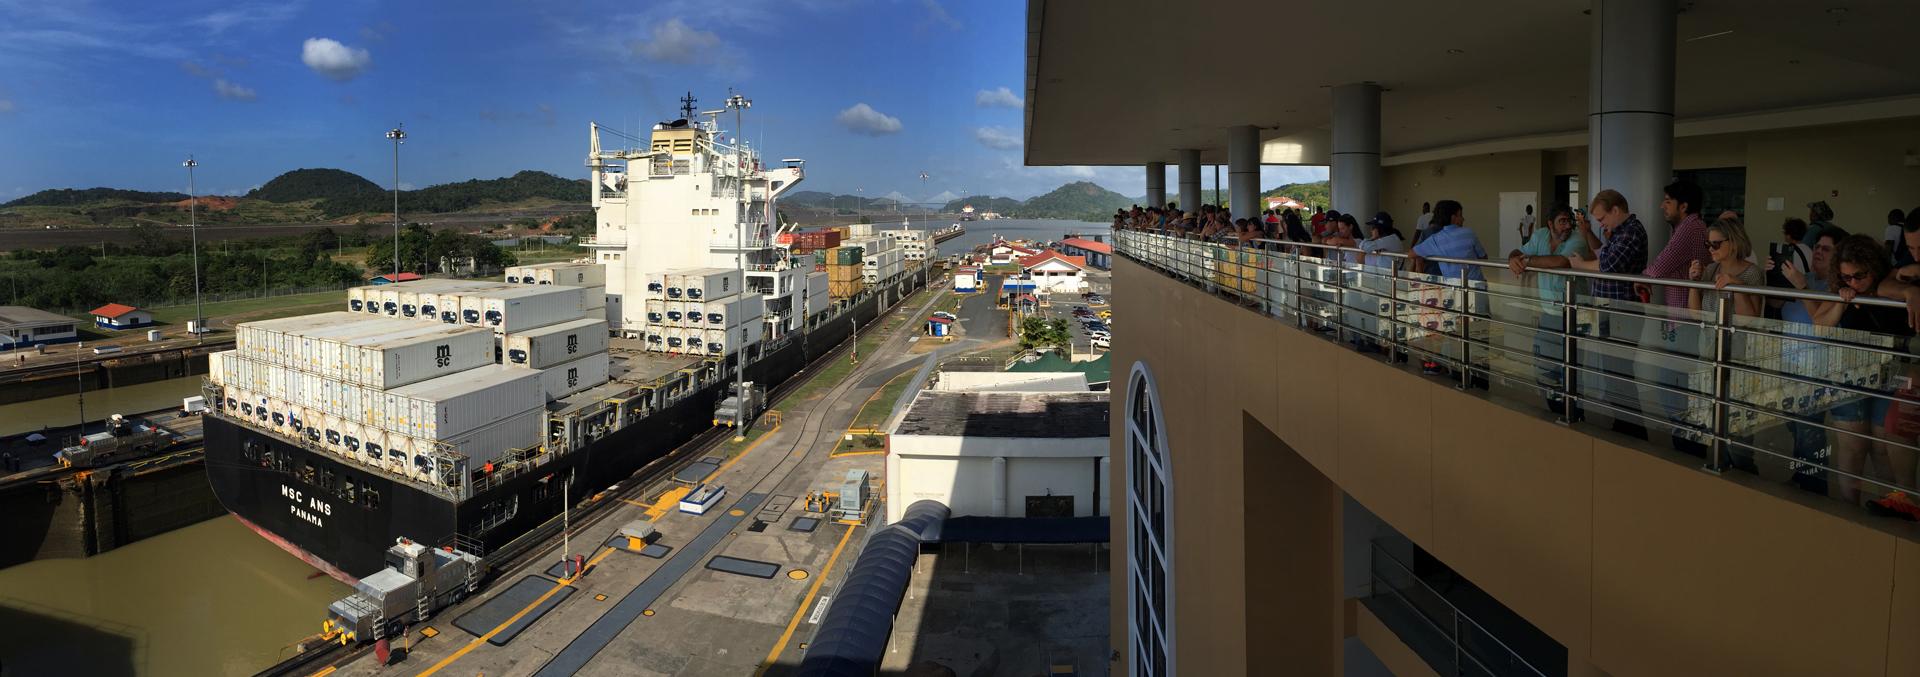 Panama 2016, copyright RodneyCurtis.com 0006